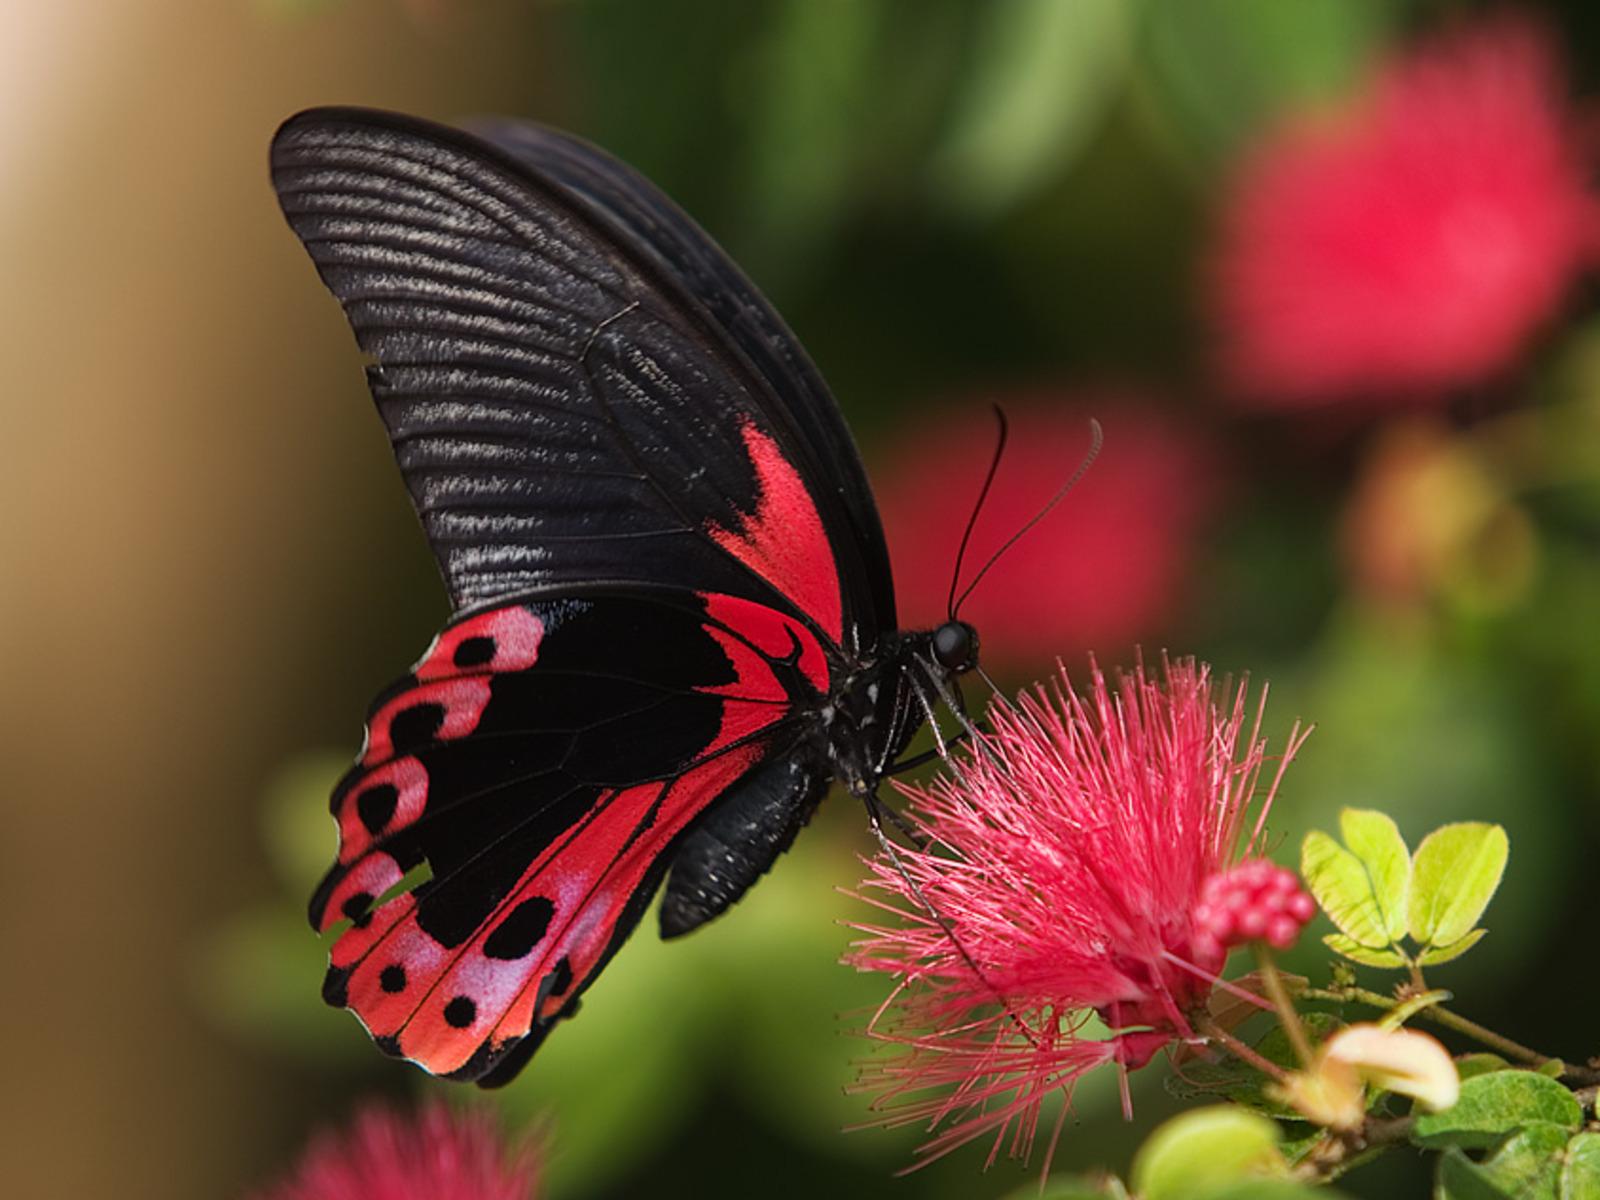 Butterfly wallpaper 1600x1200